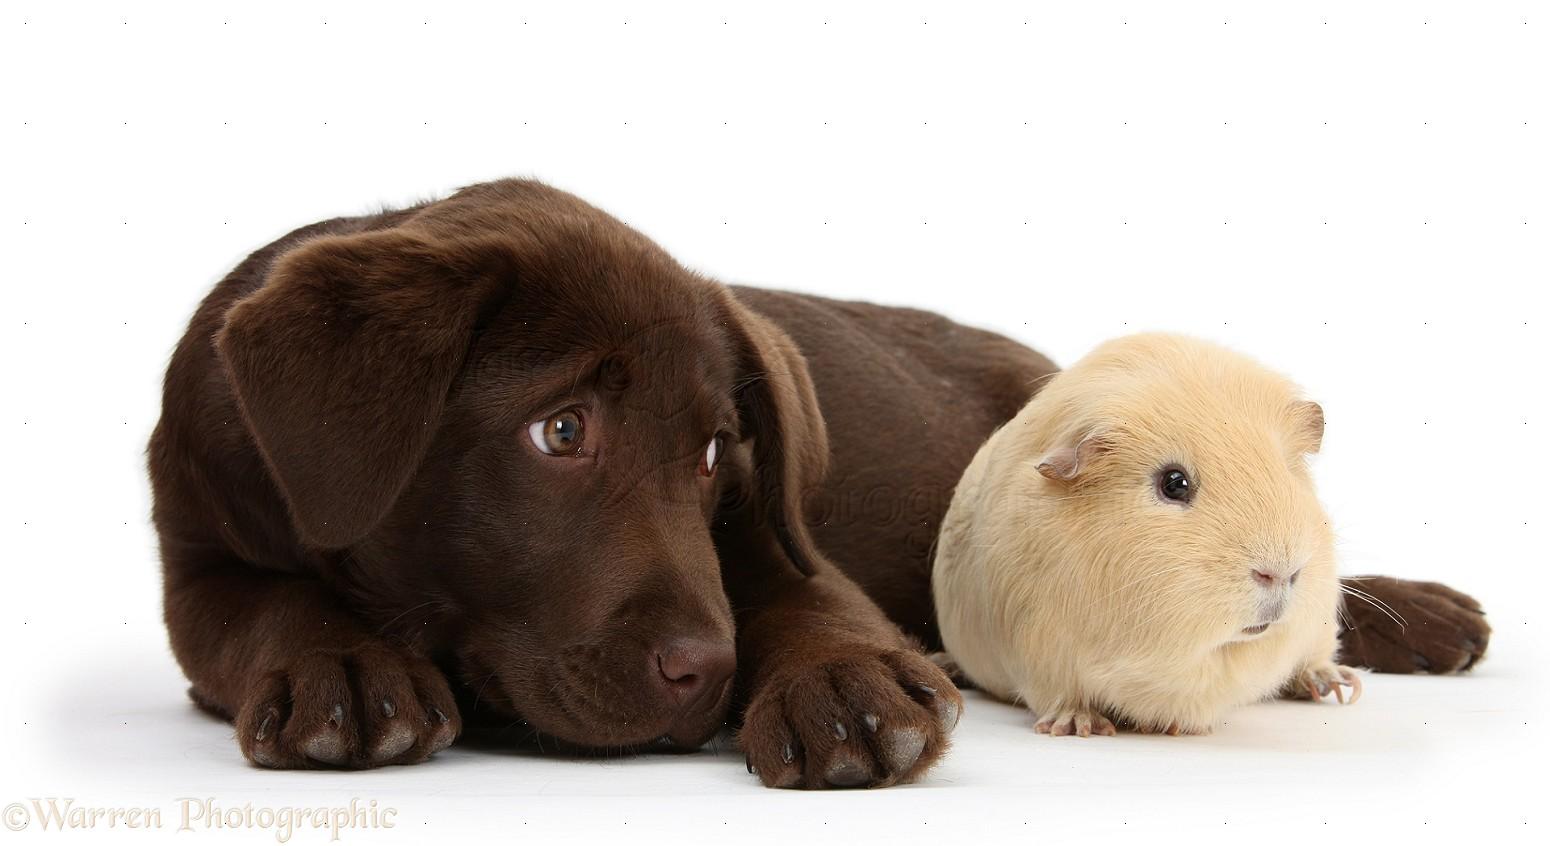 Chocolate Labrador pup and Guinea pig 1550x846